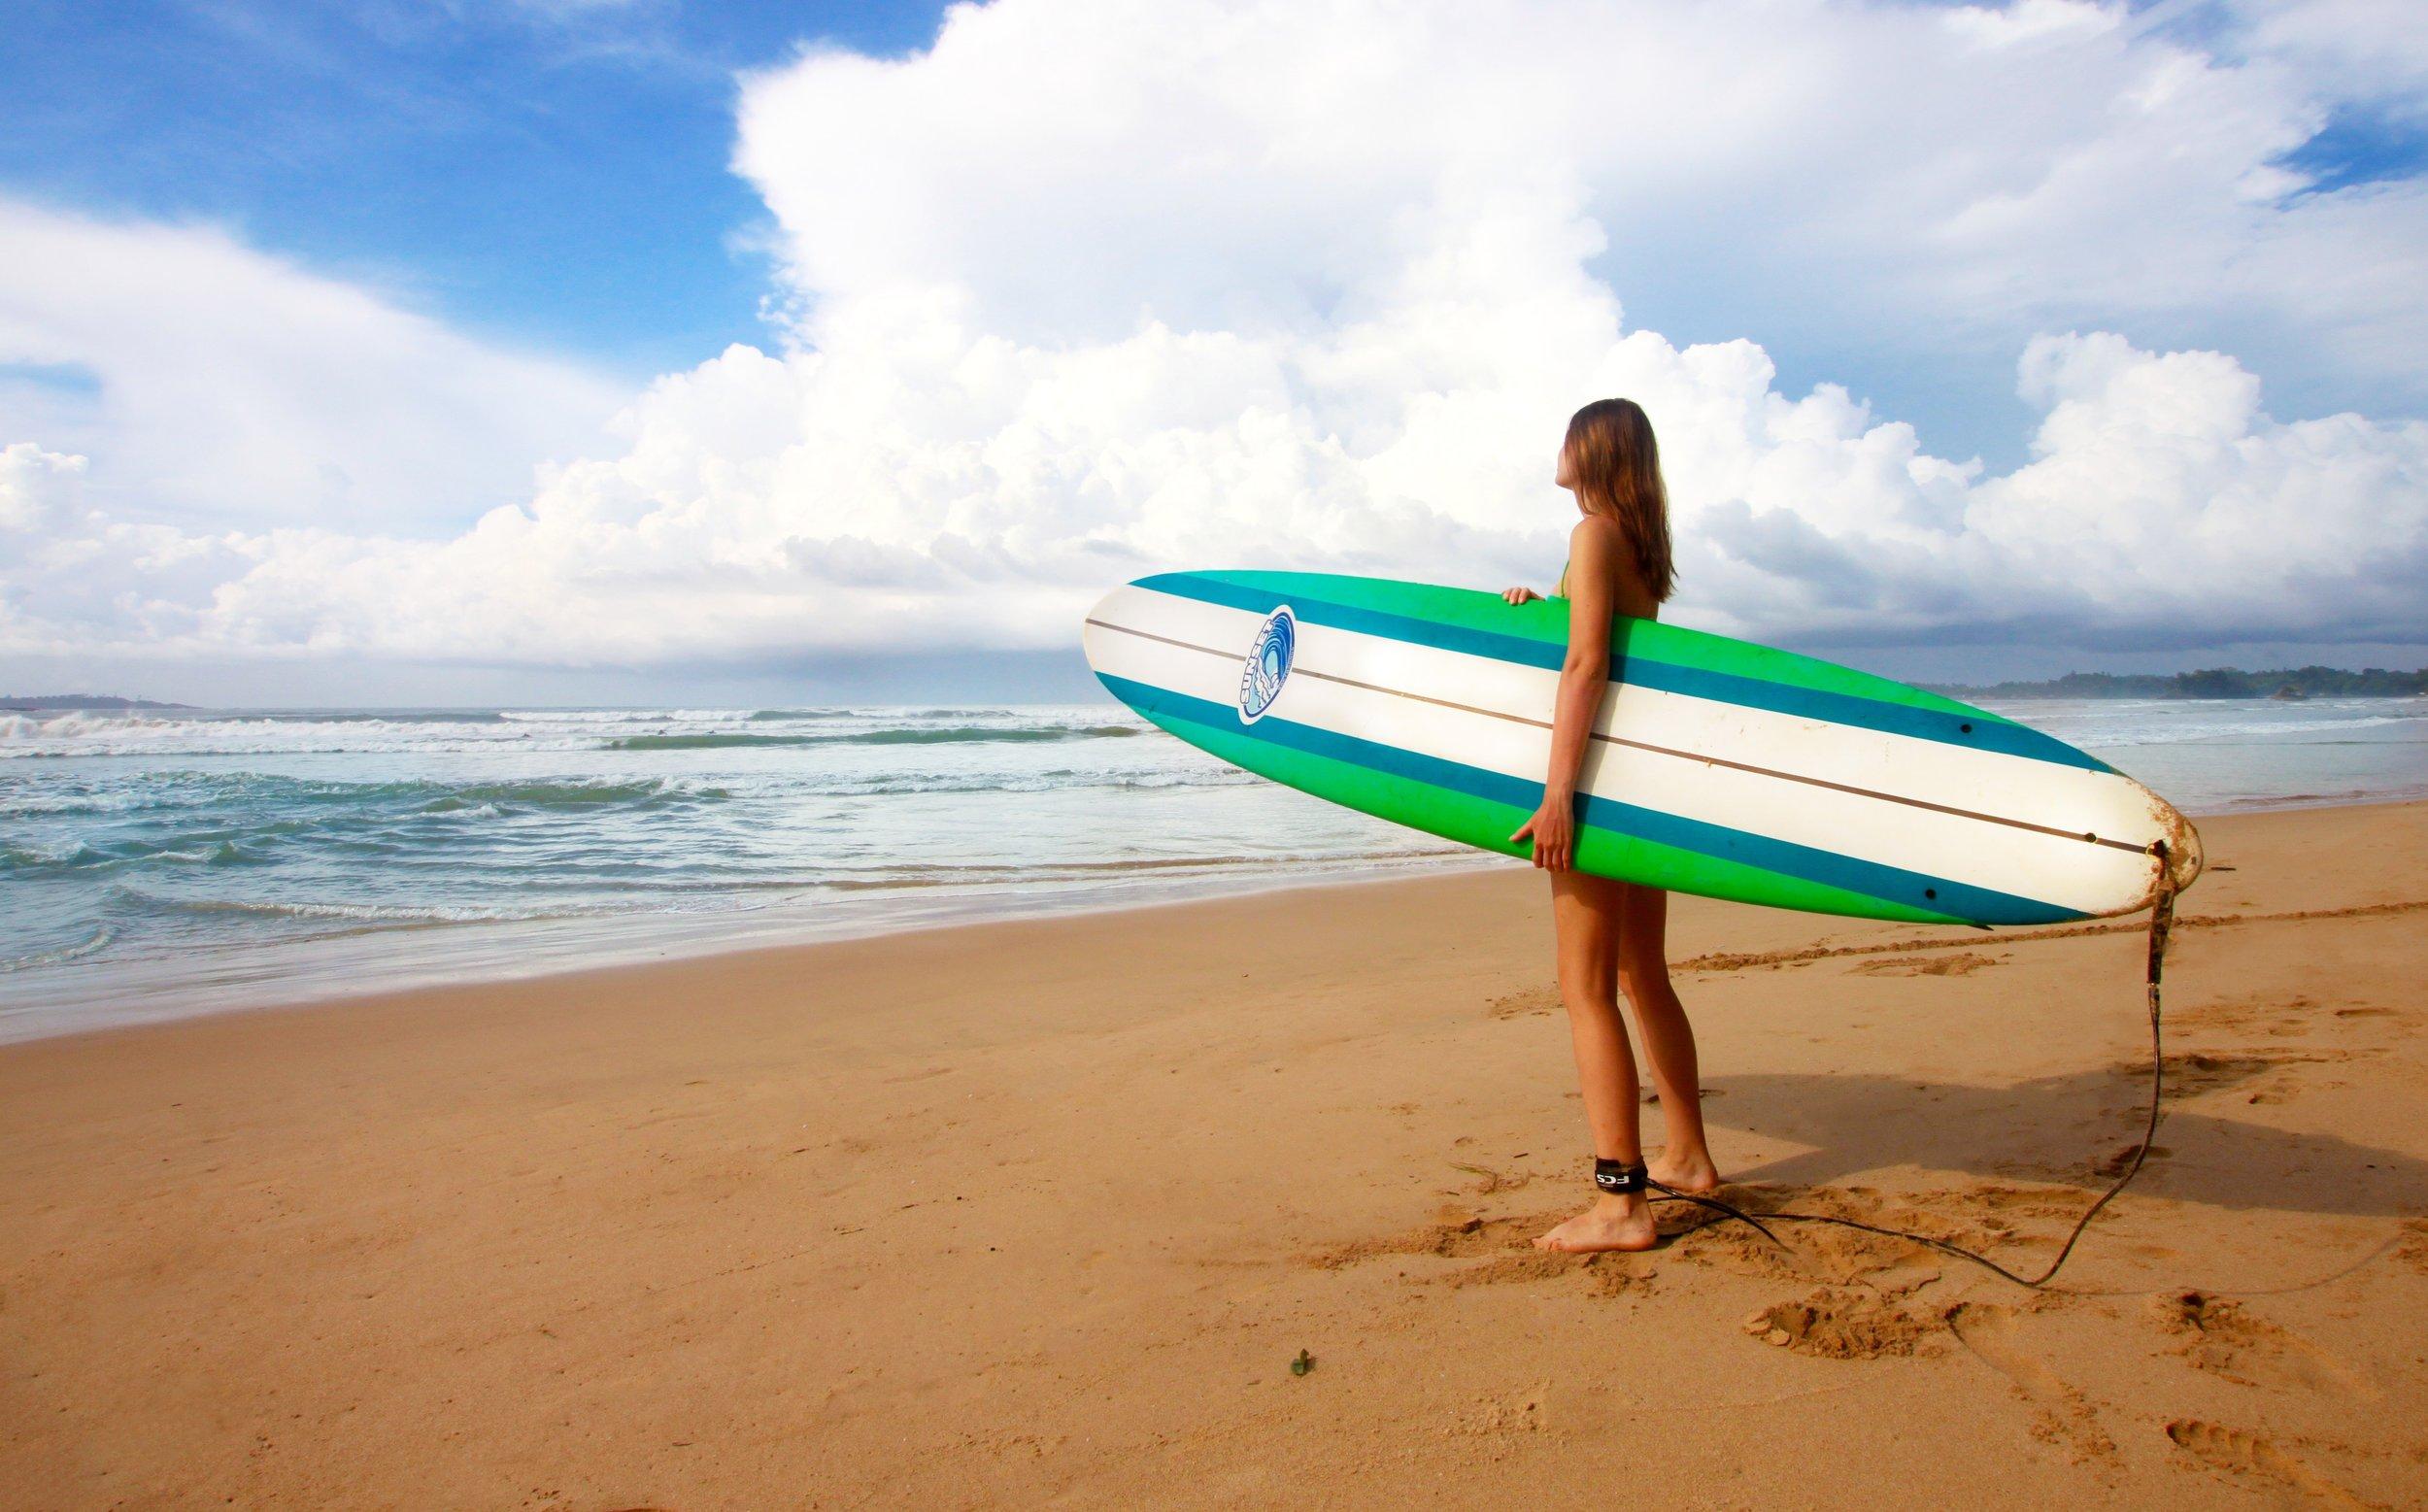 surf-weligama-sri-lanka.jpg